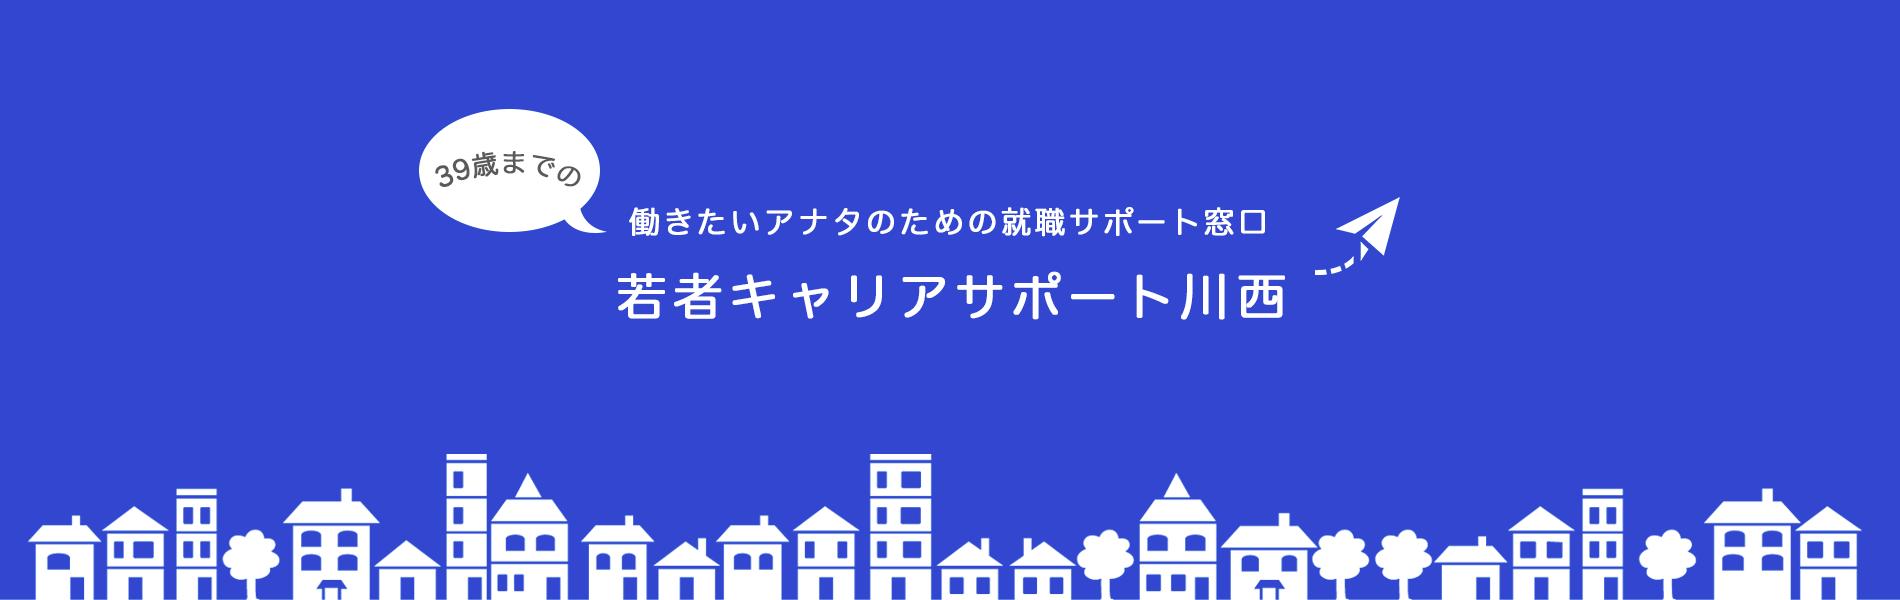 若者キャリアサポート川西